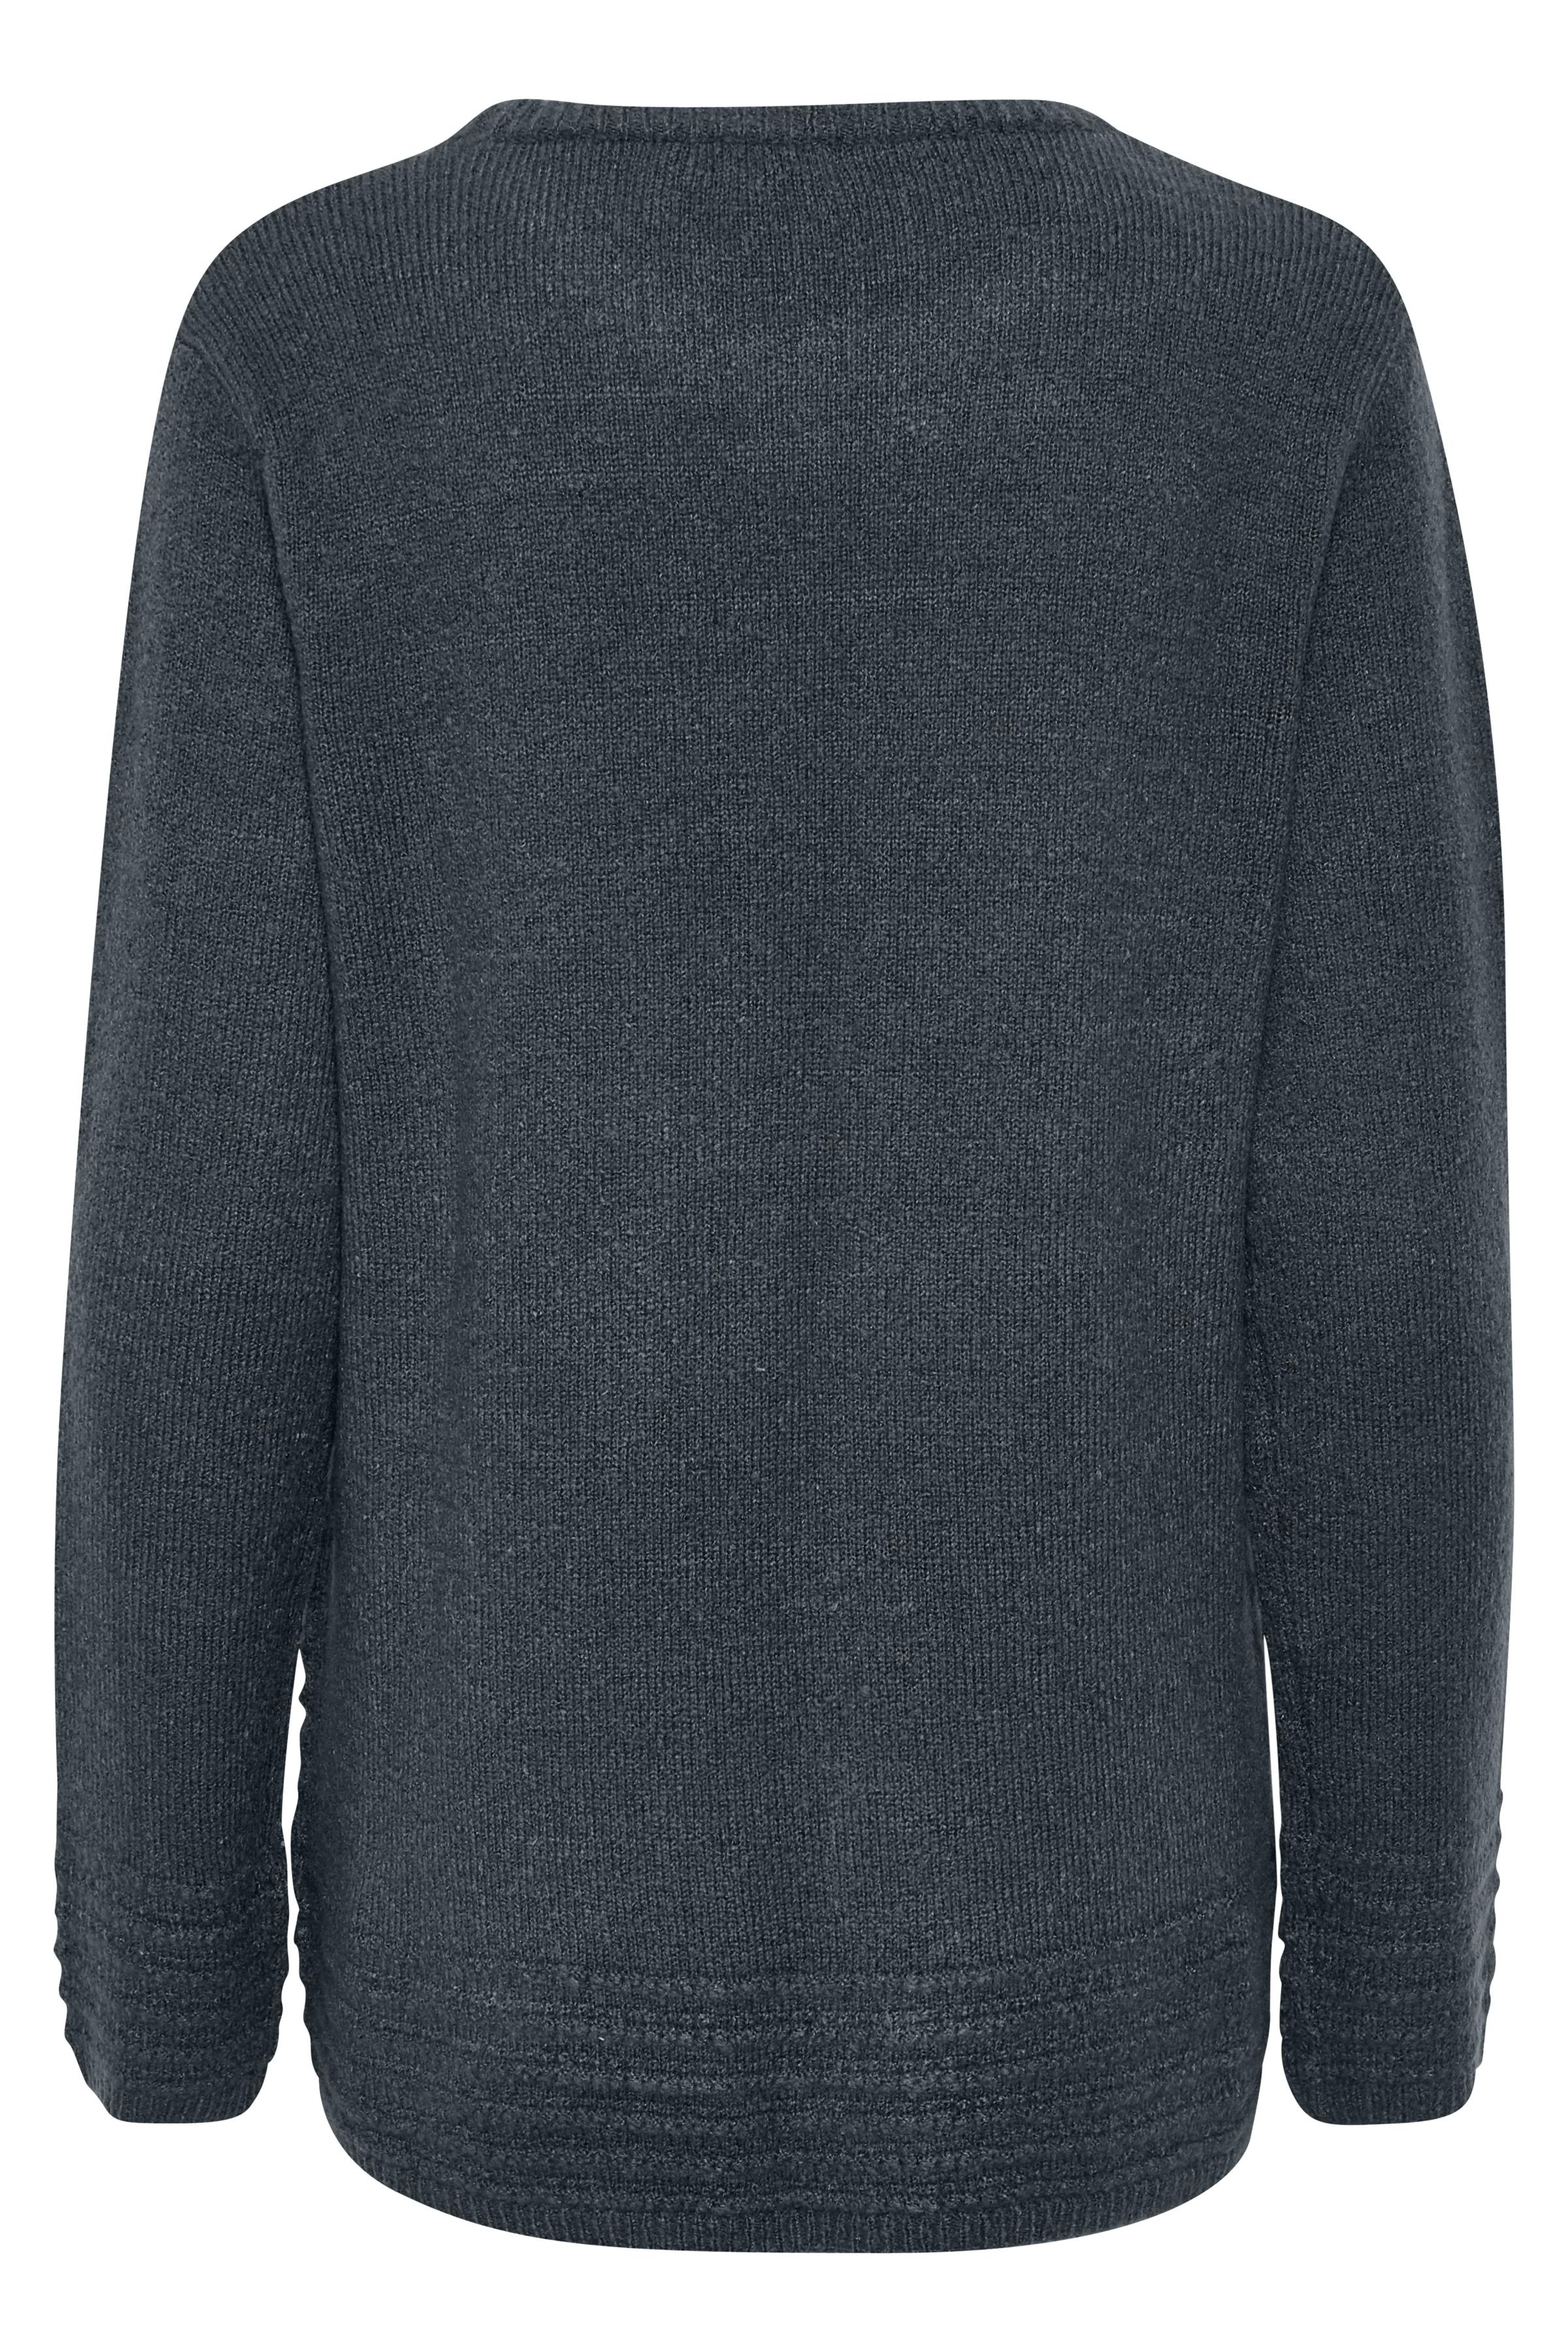 Marineblau Strickpullover von Bon'A Parte – Shoppen Sie Marineblau Strickpullover ab Gr. S-2XL hier